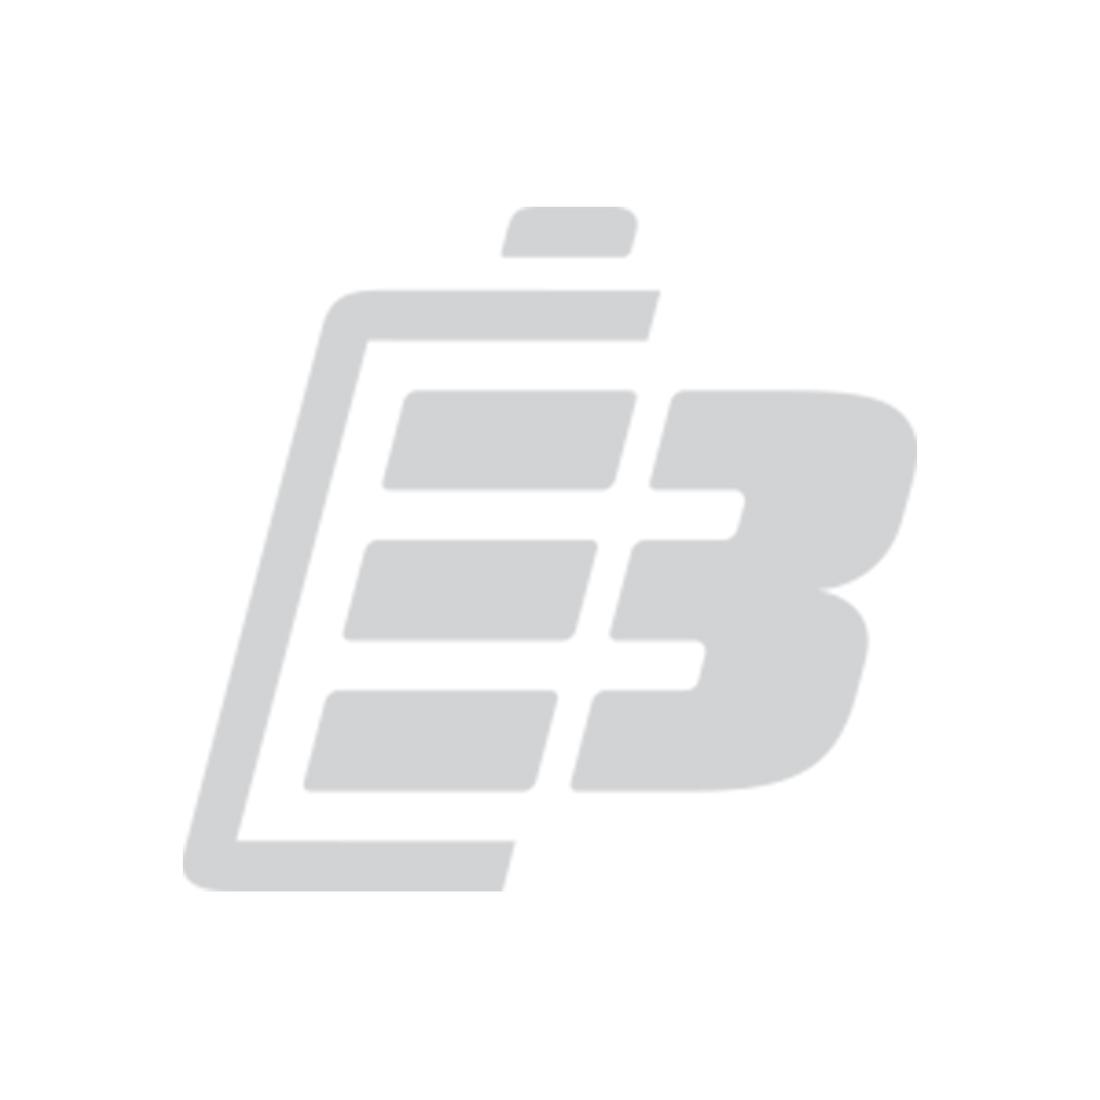 Cordless phone battery Panasonic HHR-P107_1